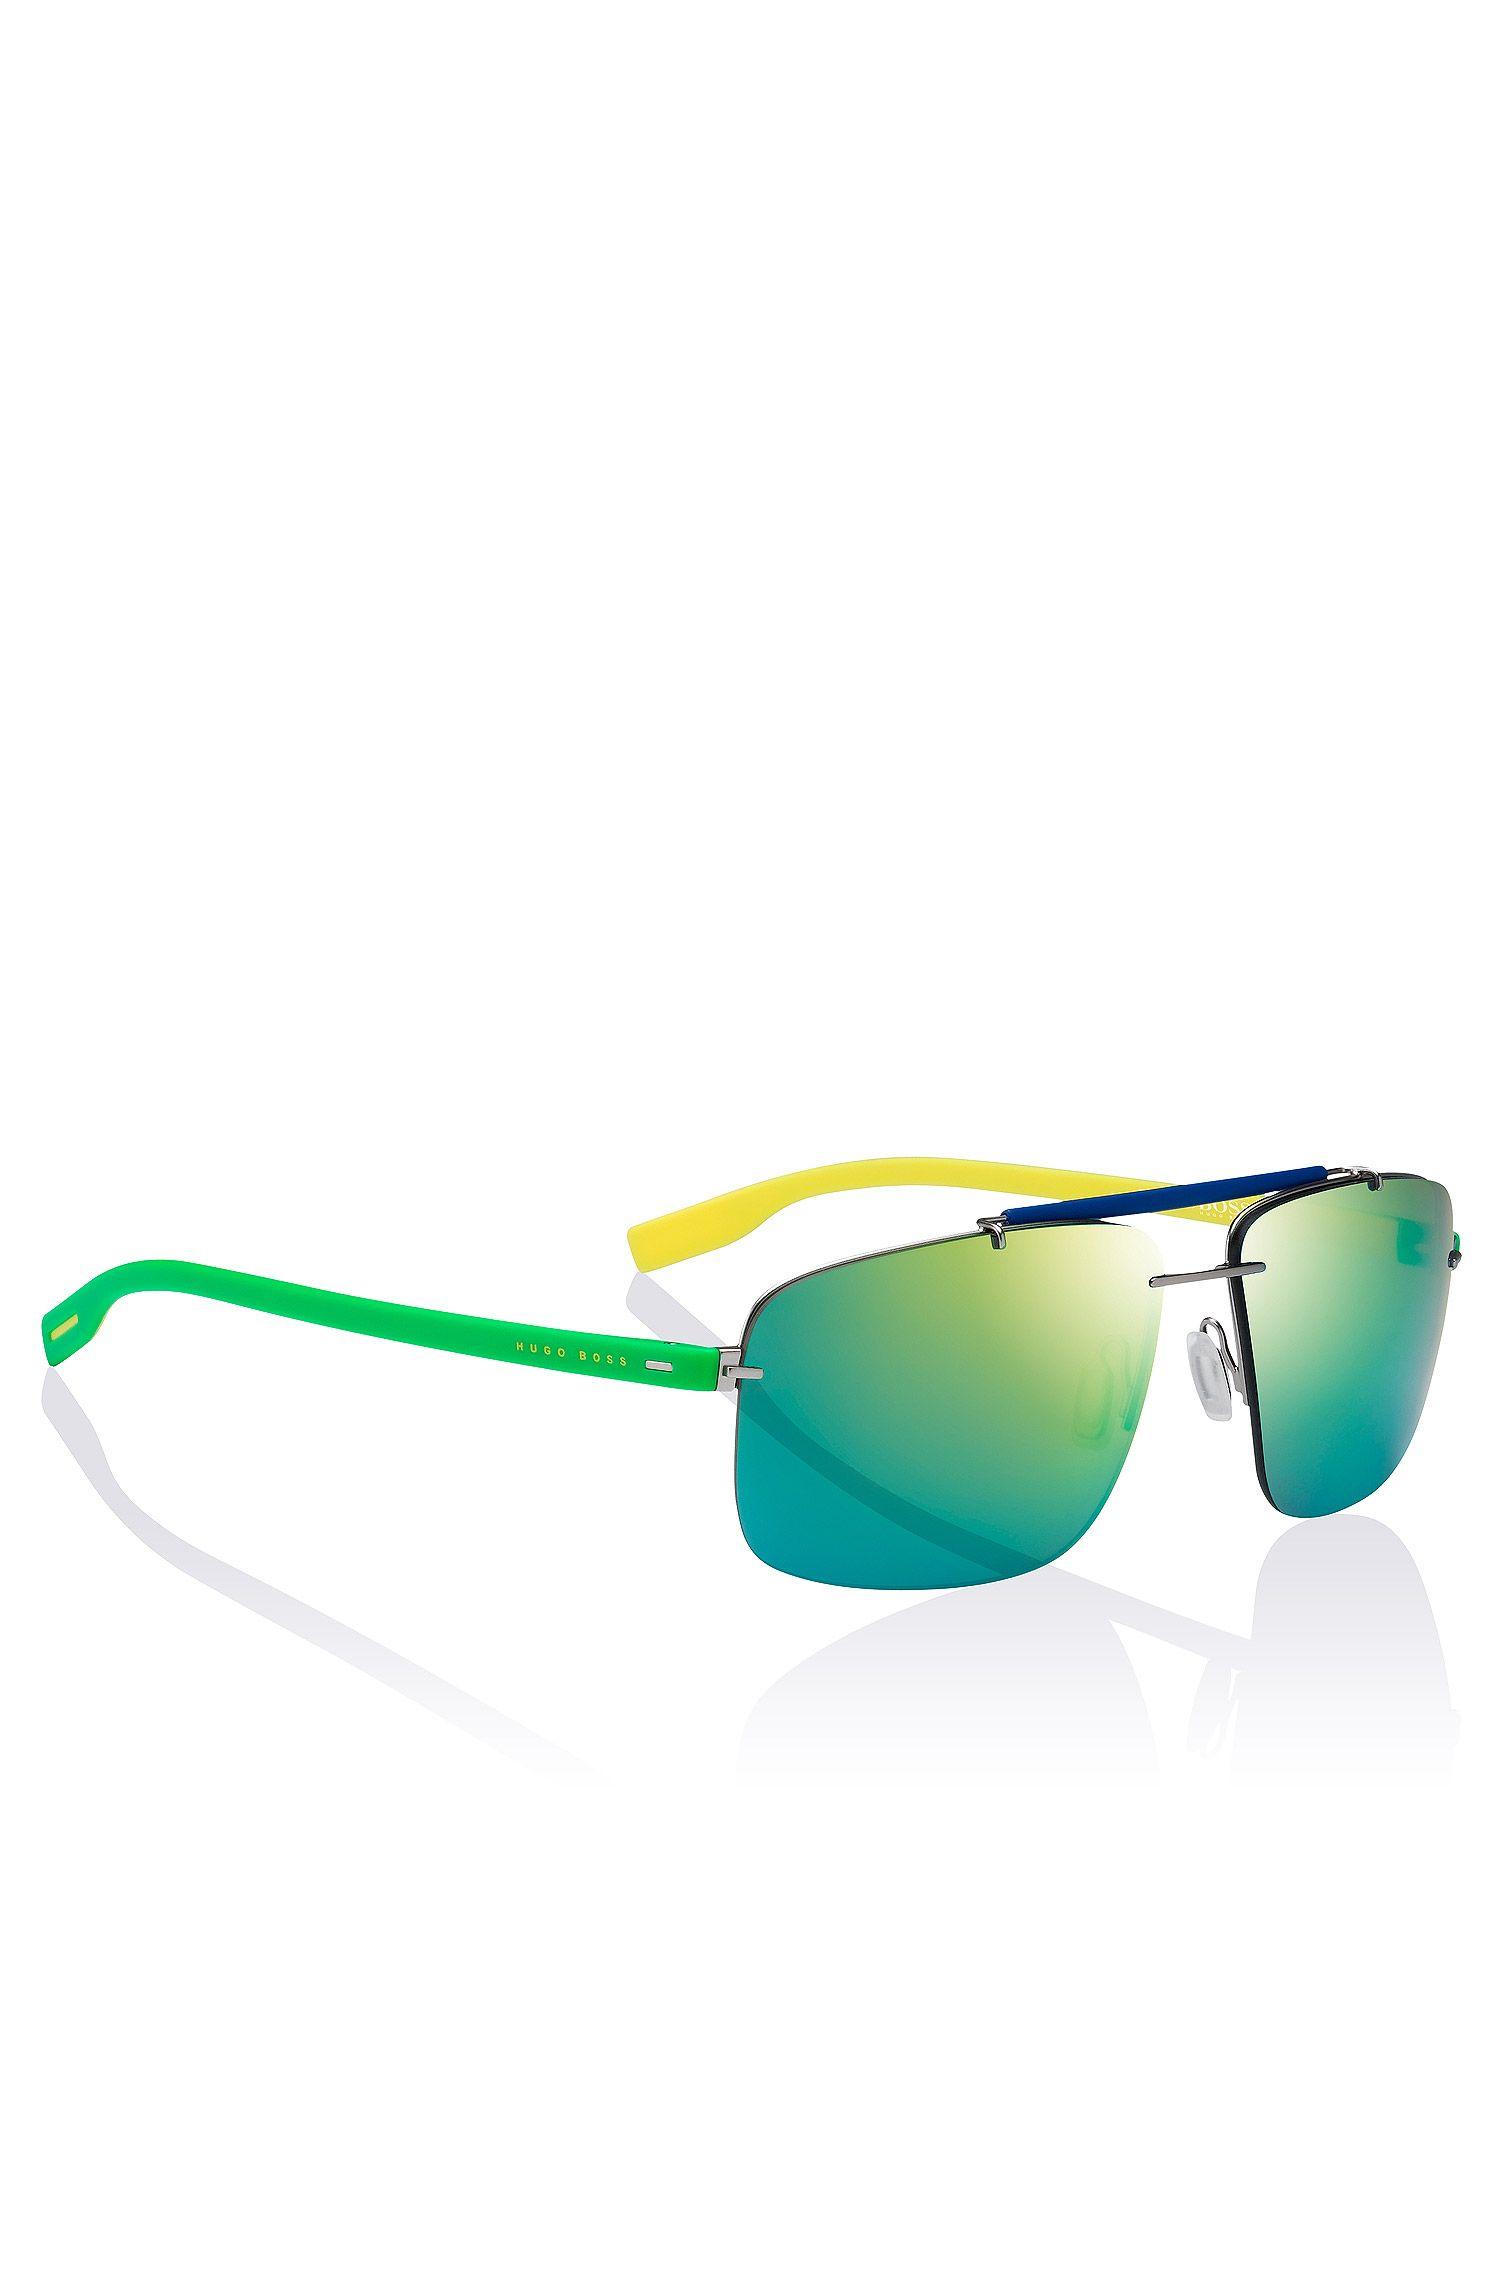 Gafas de sol 'BOSS0608/S' de la colección por país